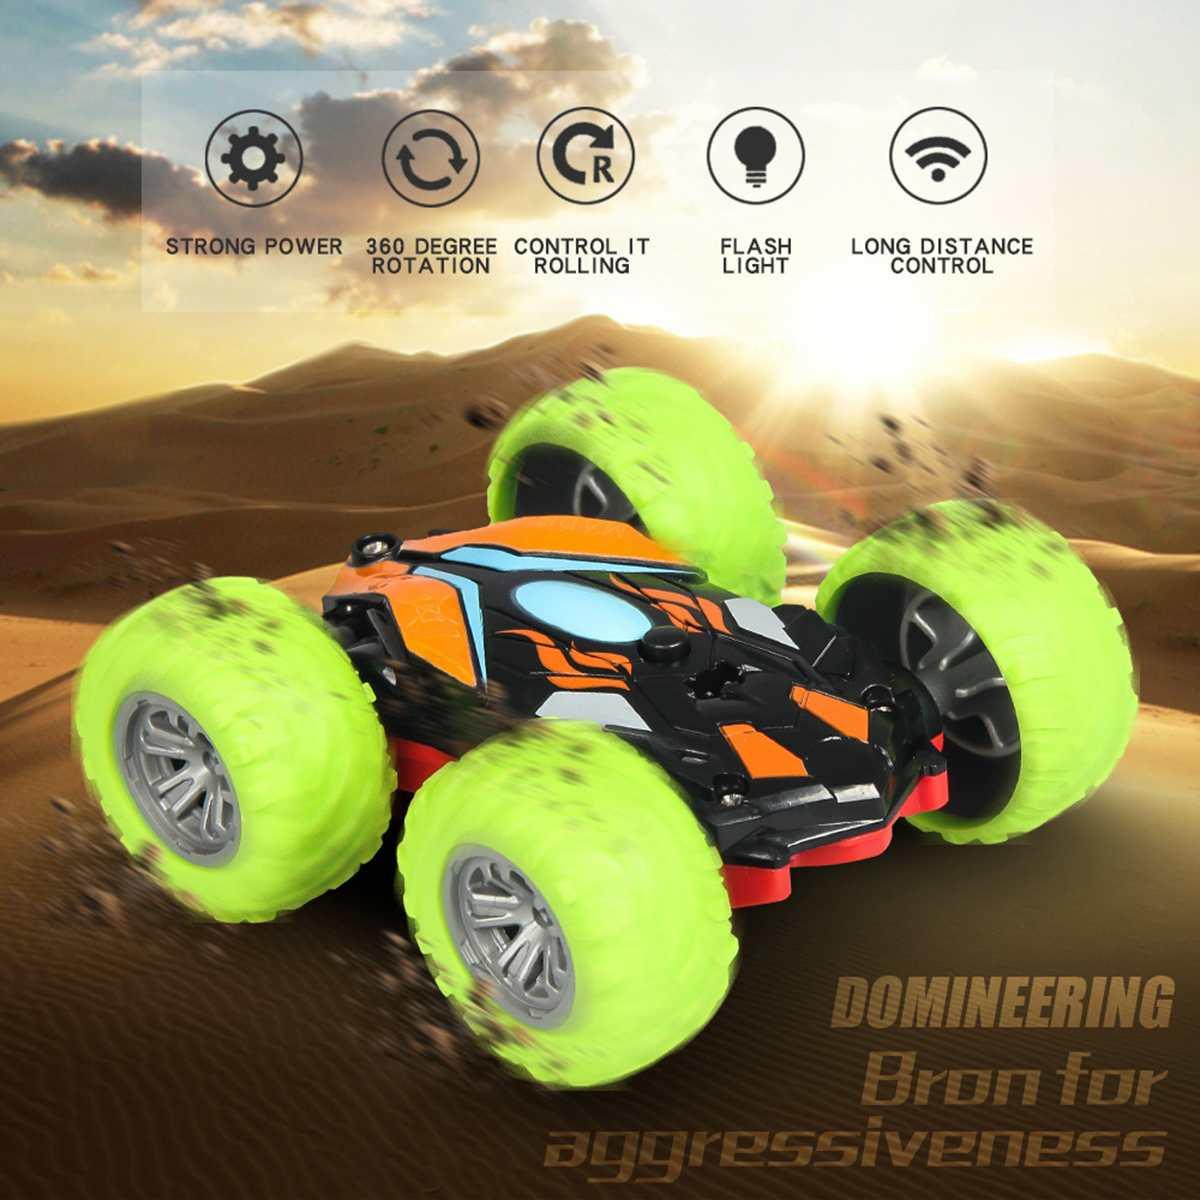 Двухсторонний 3d-пульт дистанционного управления, робот-Радиоуправляемый автомобиль, игрушка, Дрифтерный Crawler, работающий от батареи, машин...